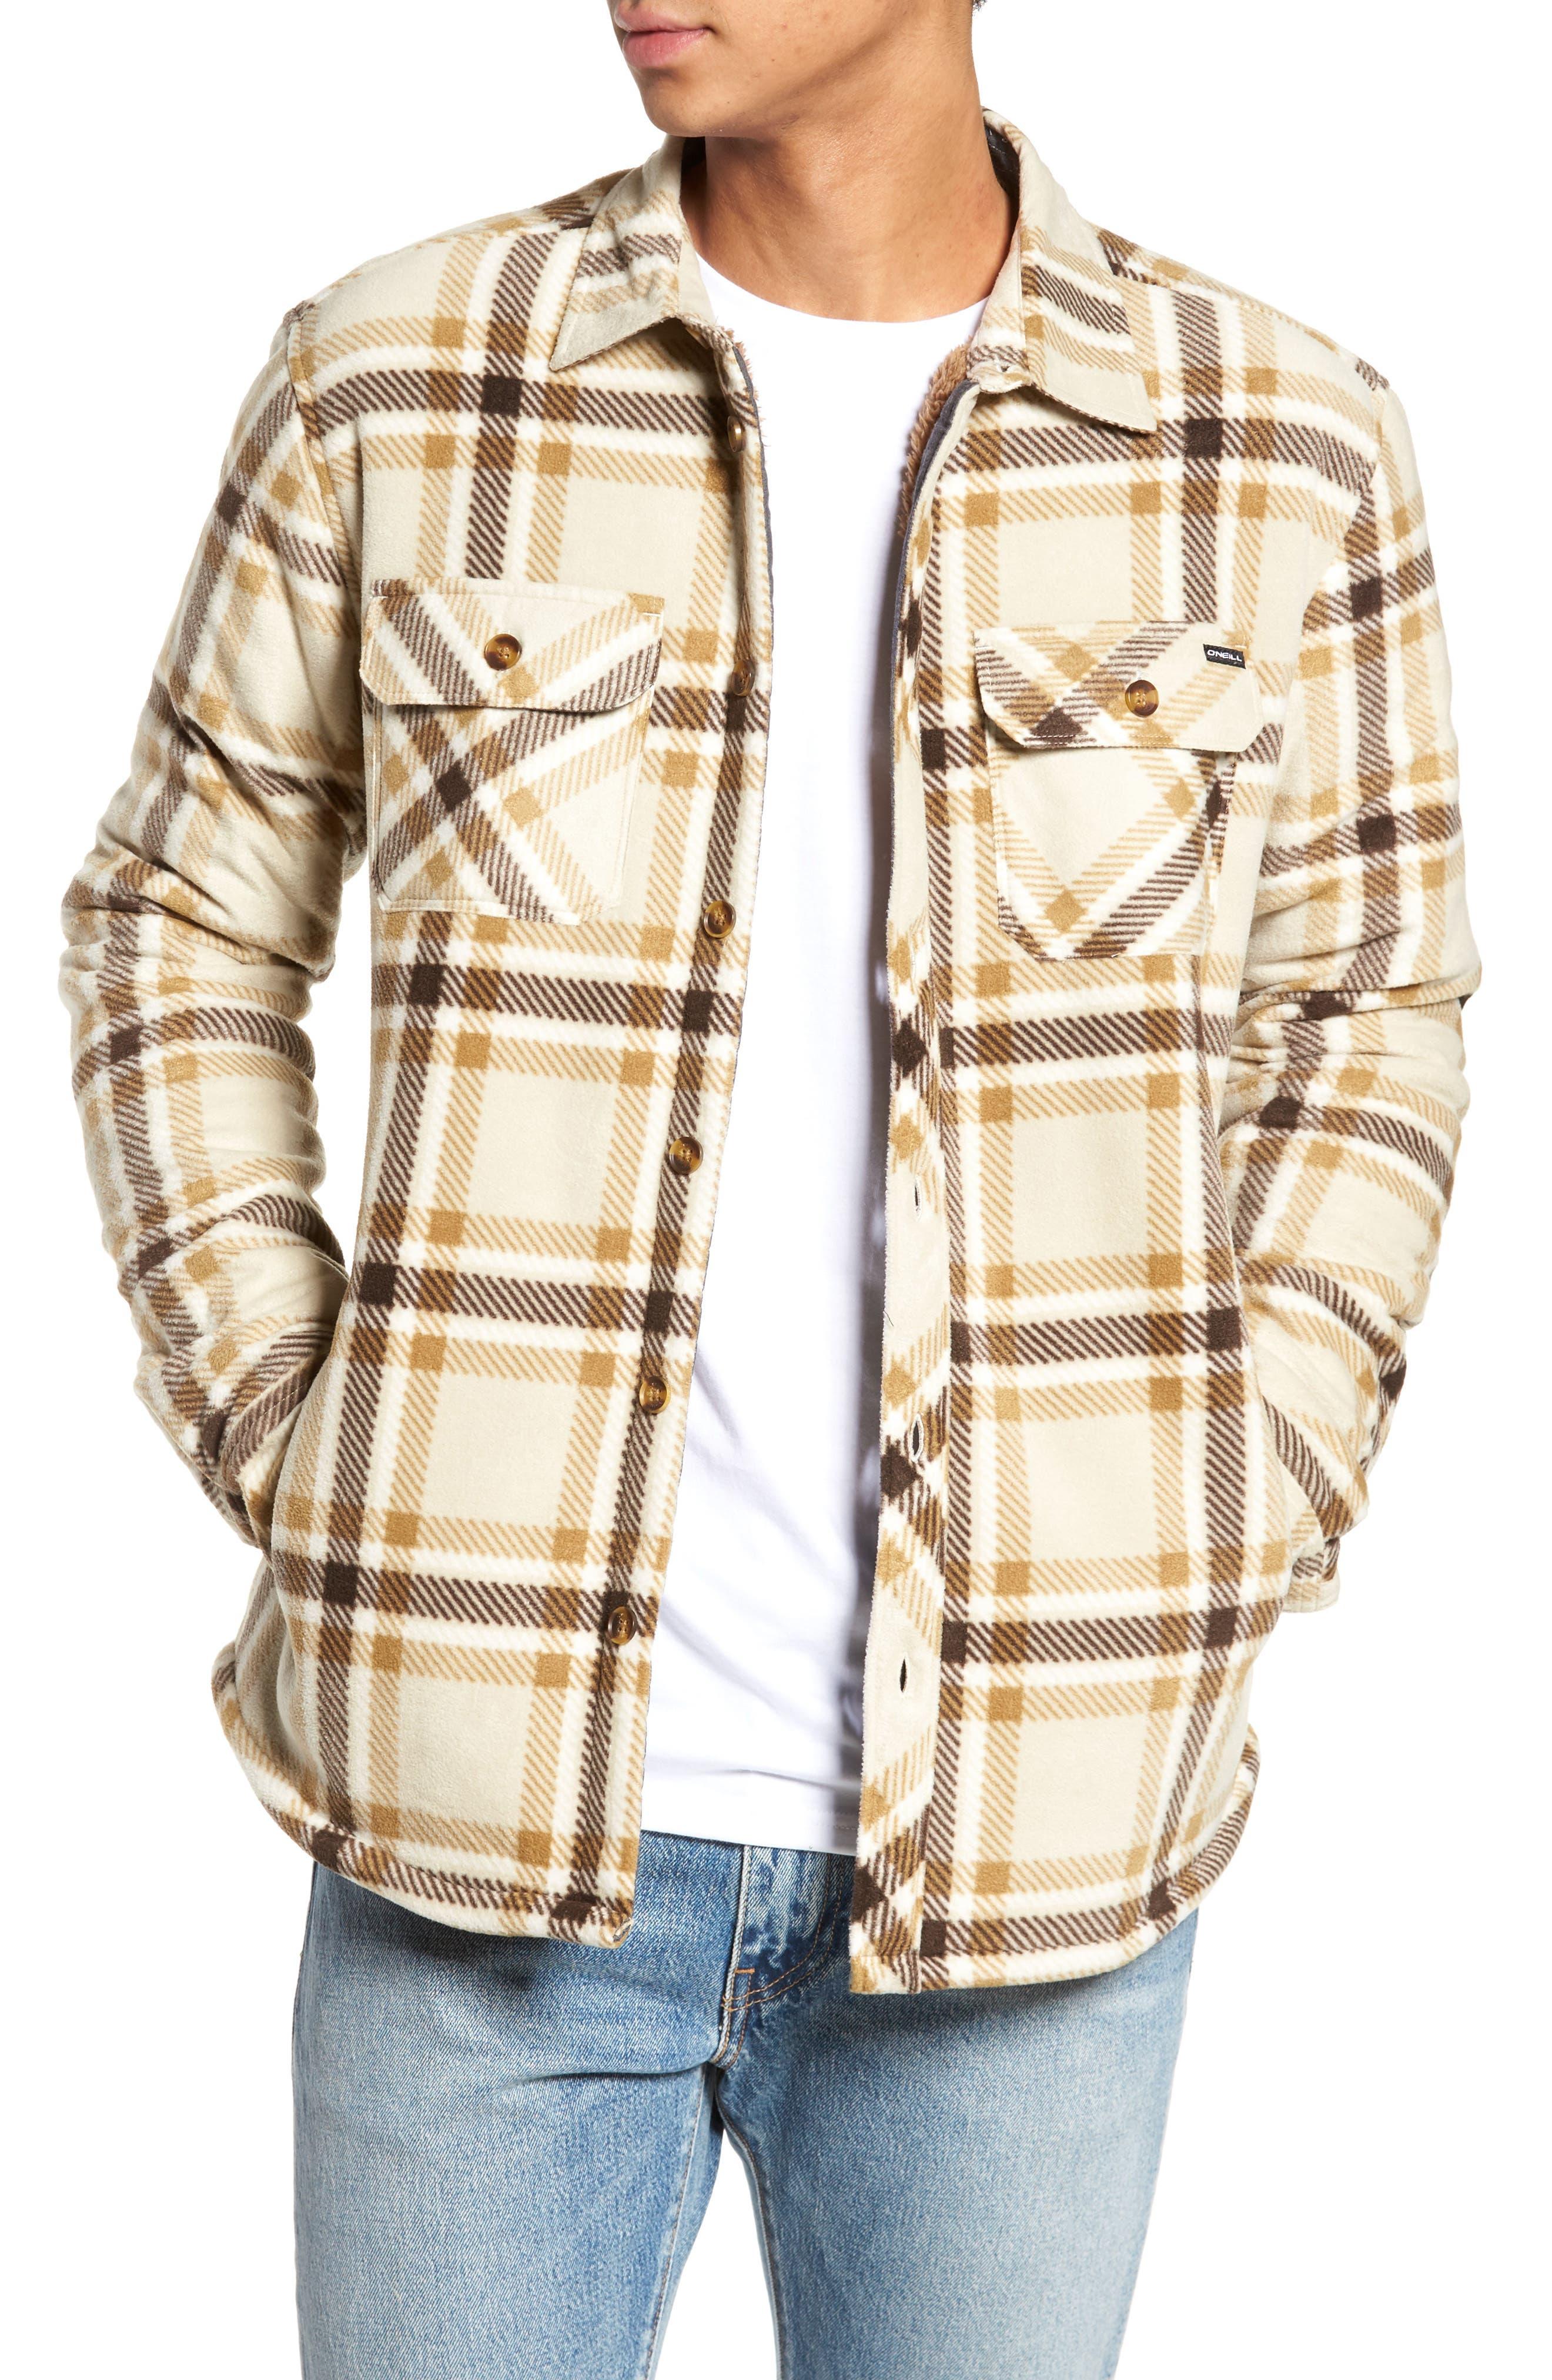 Glacier Heat Dome Plaid Fleece Shirt,                             Main thumbnail 1, color,                             250